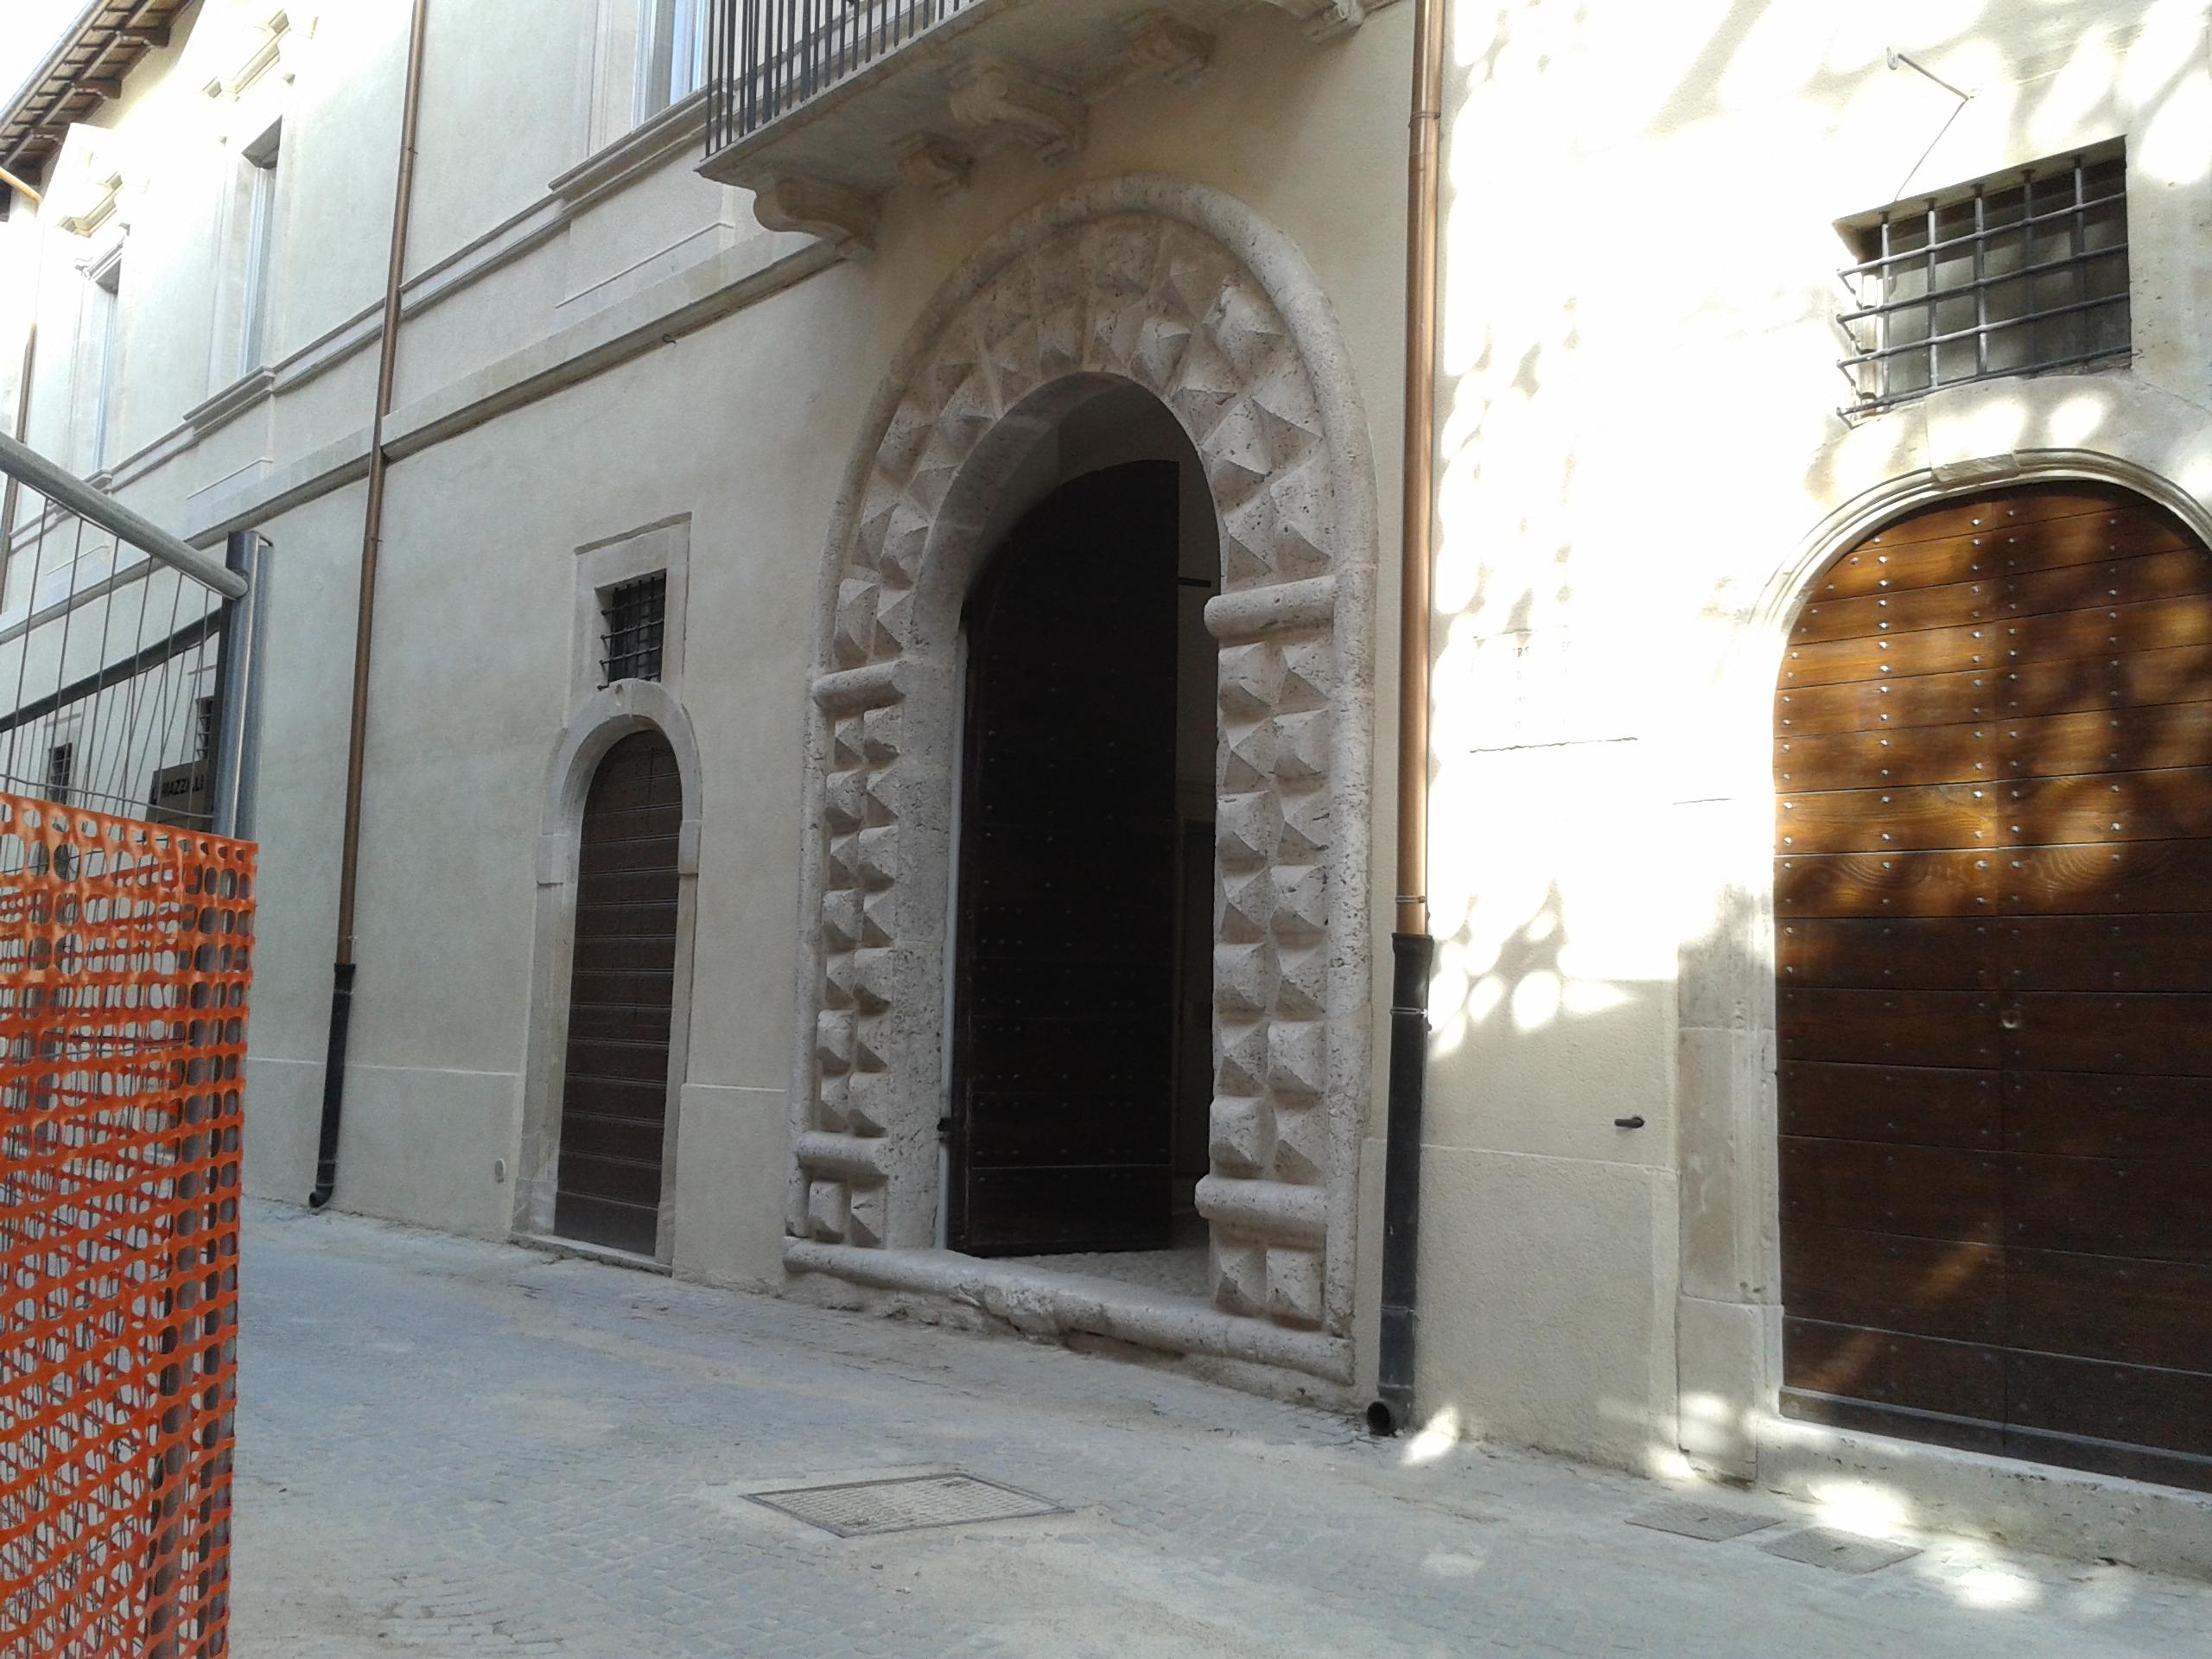 Ricostruzione: torna a nuova vita palazzo Ciavoli Cortelli